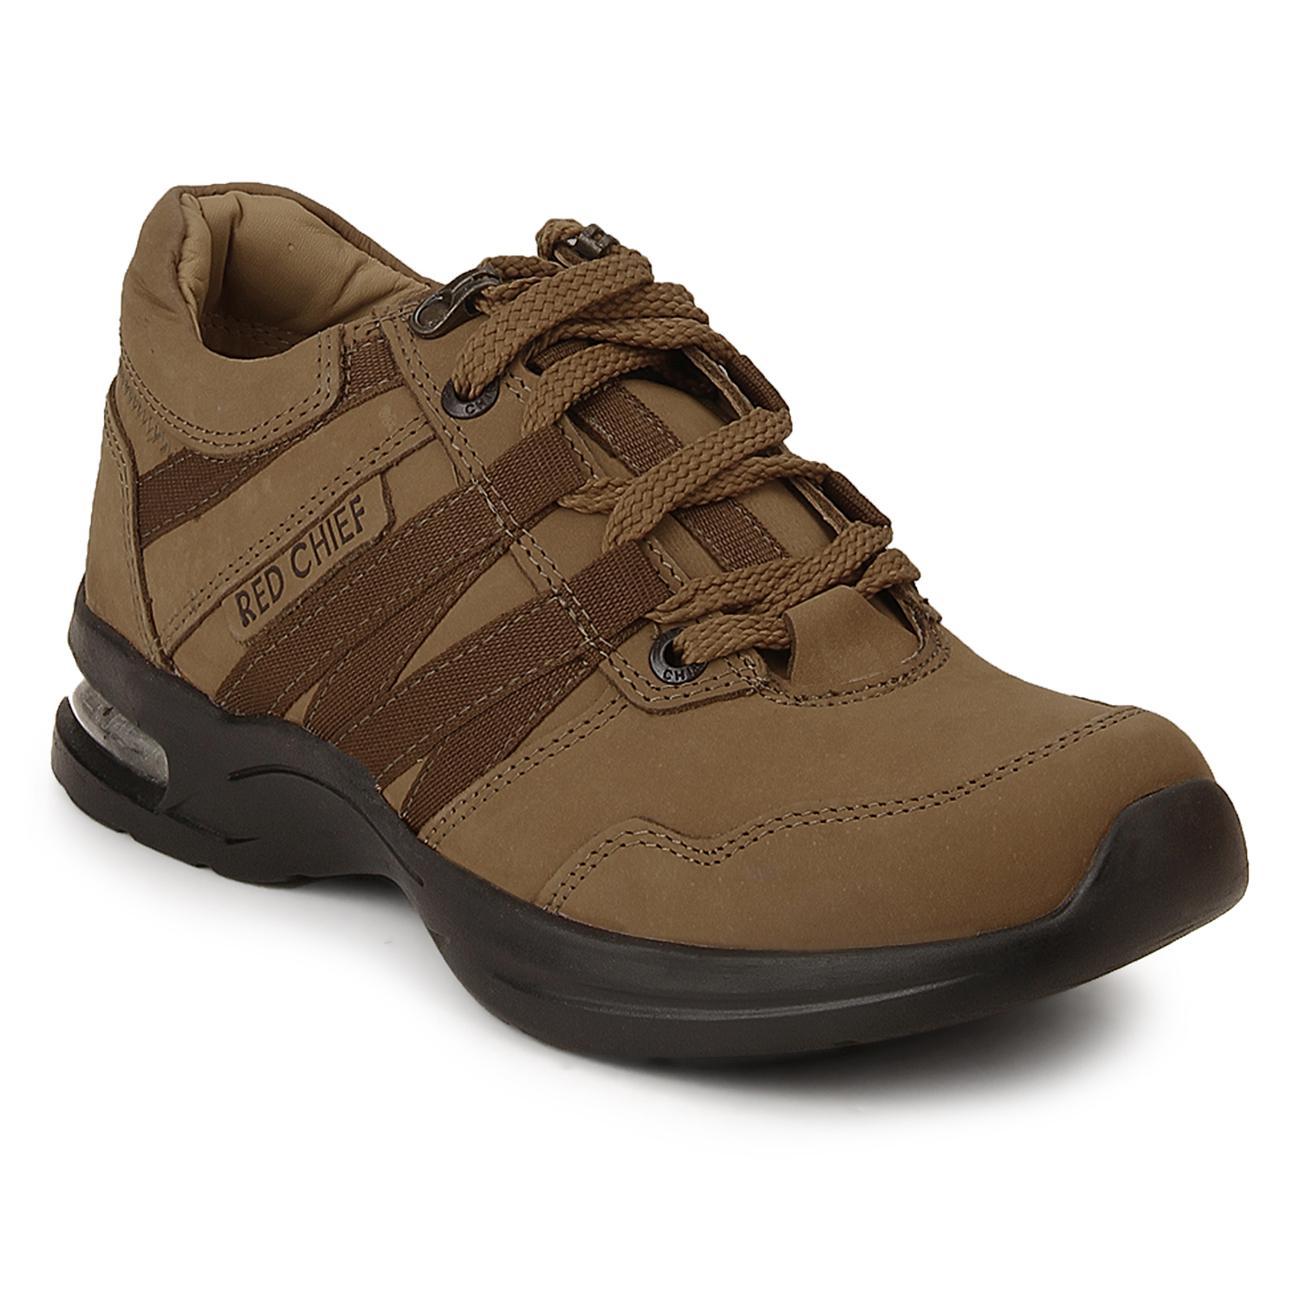 rockport shoes polish png background designs 965682